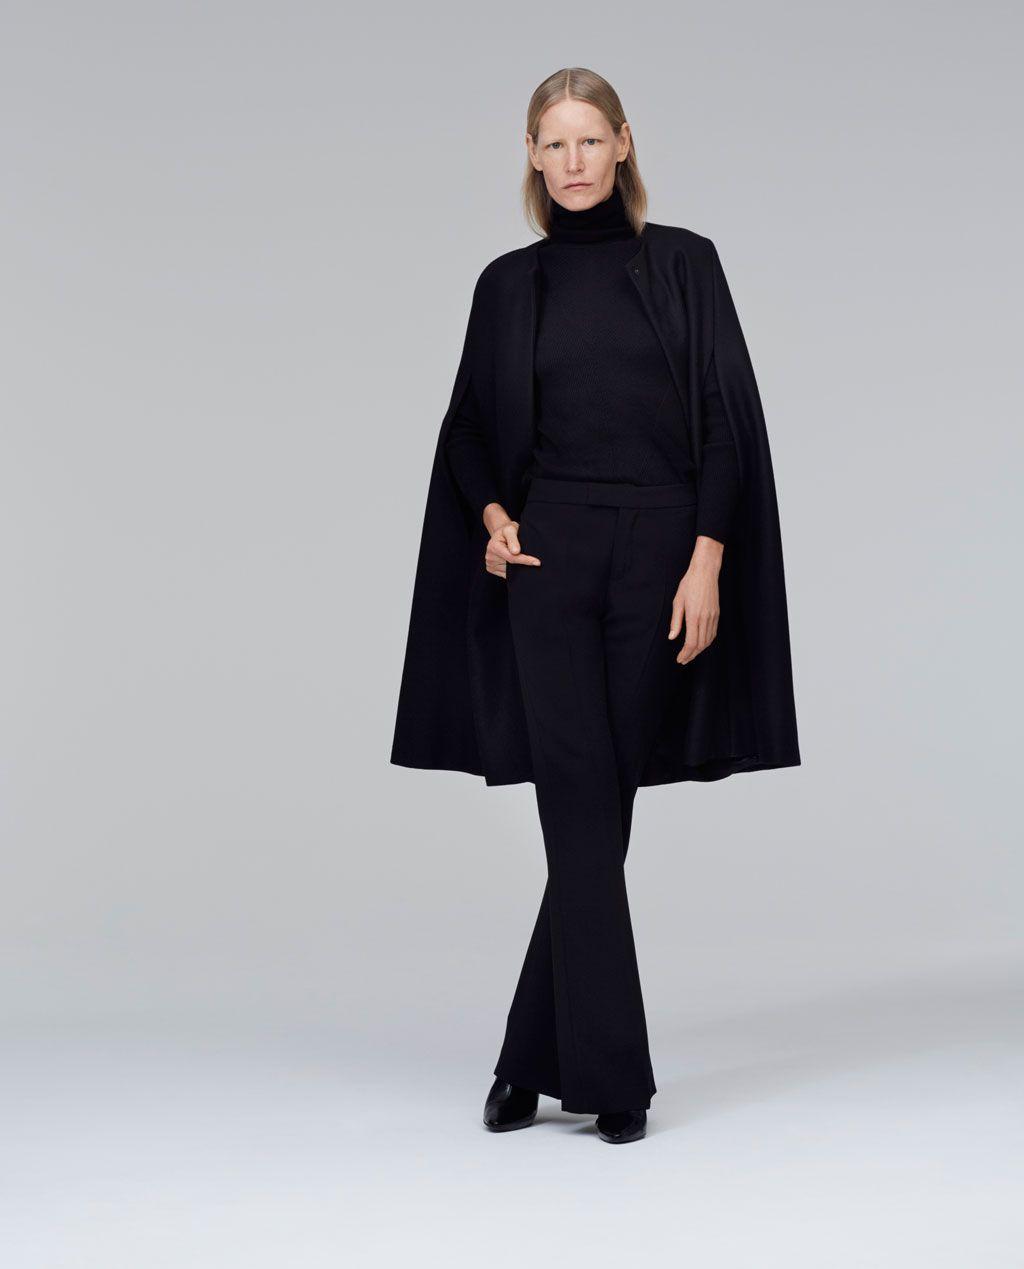 CAPA LARGA PAÑO | moda | Pinterest | Moda, Largos y Capa